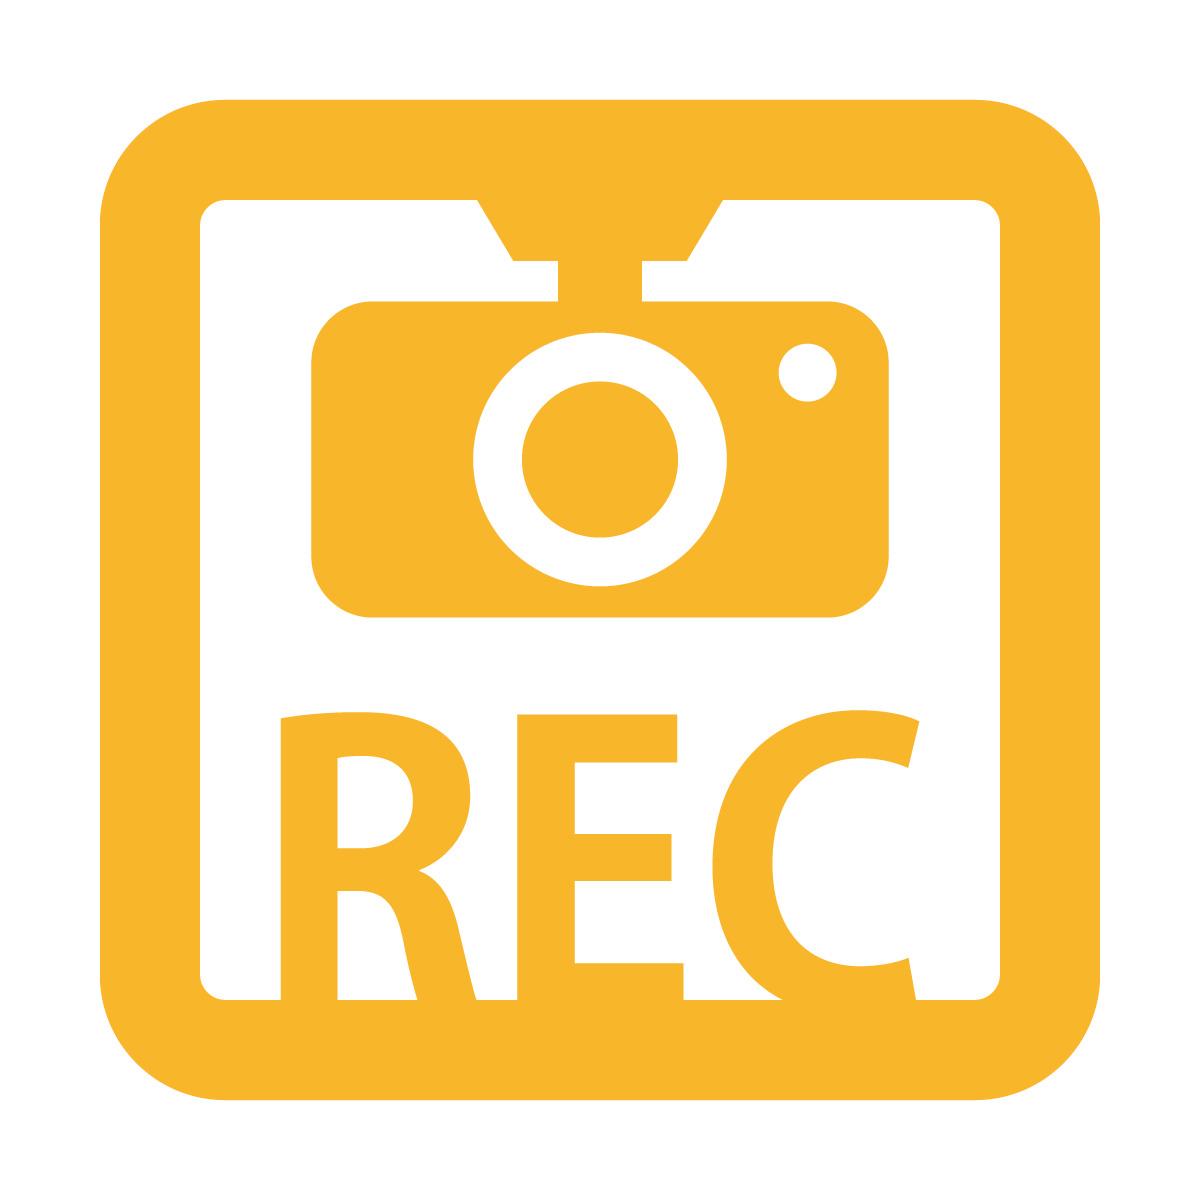 黄色のドラレコ 録画中 撮影中 REC 防犯 セキュリティーマークのカッティング ステッカー・シール 光沢タイプ・防水・耐水・屋外耐候3~4年 煽り運転 抑止 ドライブレコーダー 車間距離